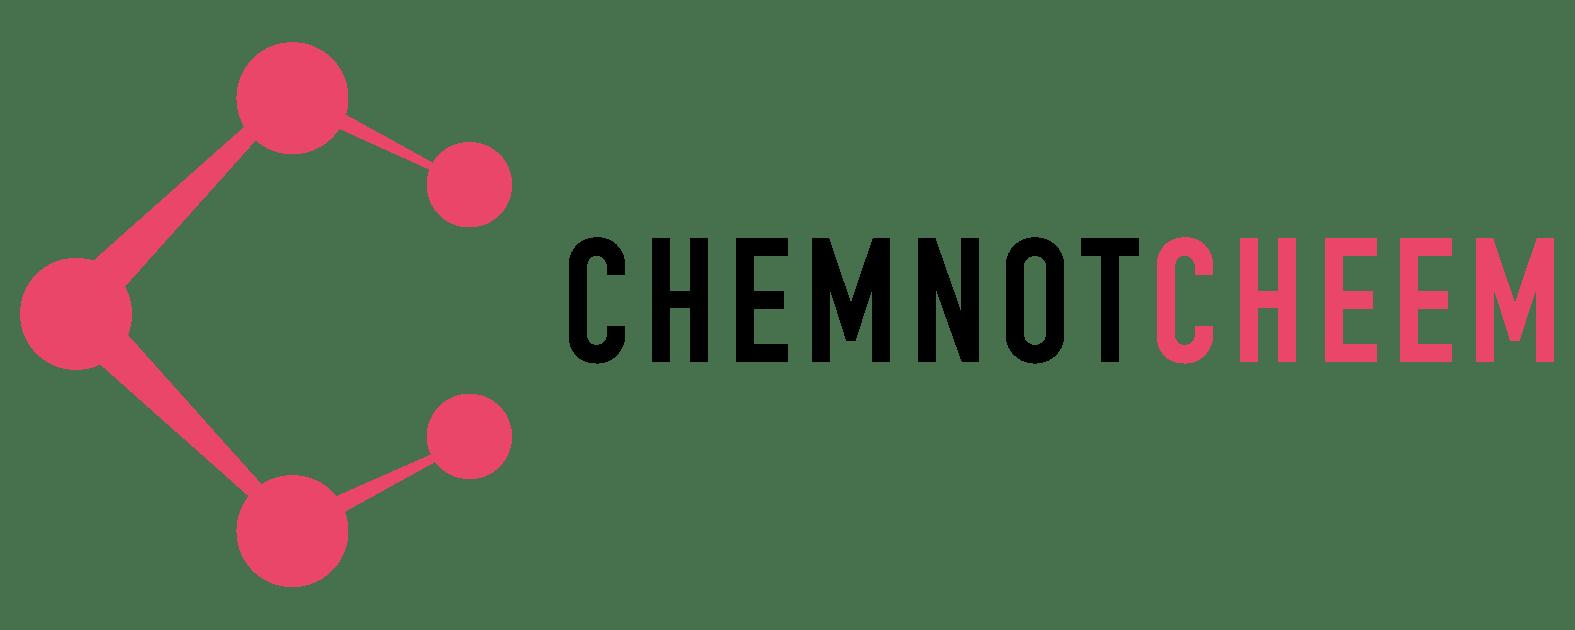 Chem Not Cheem